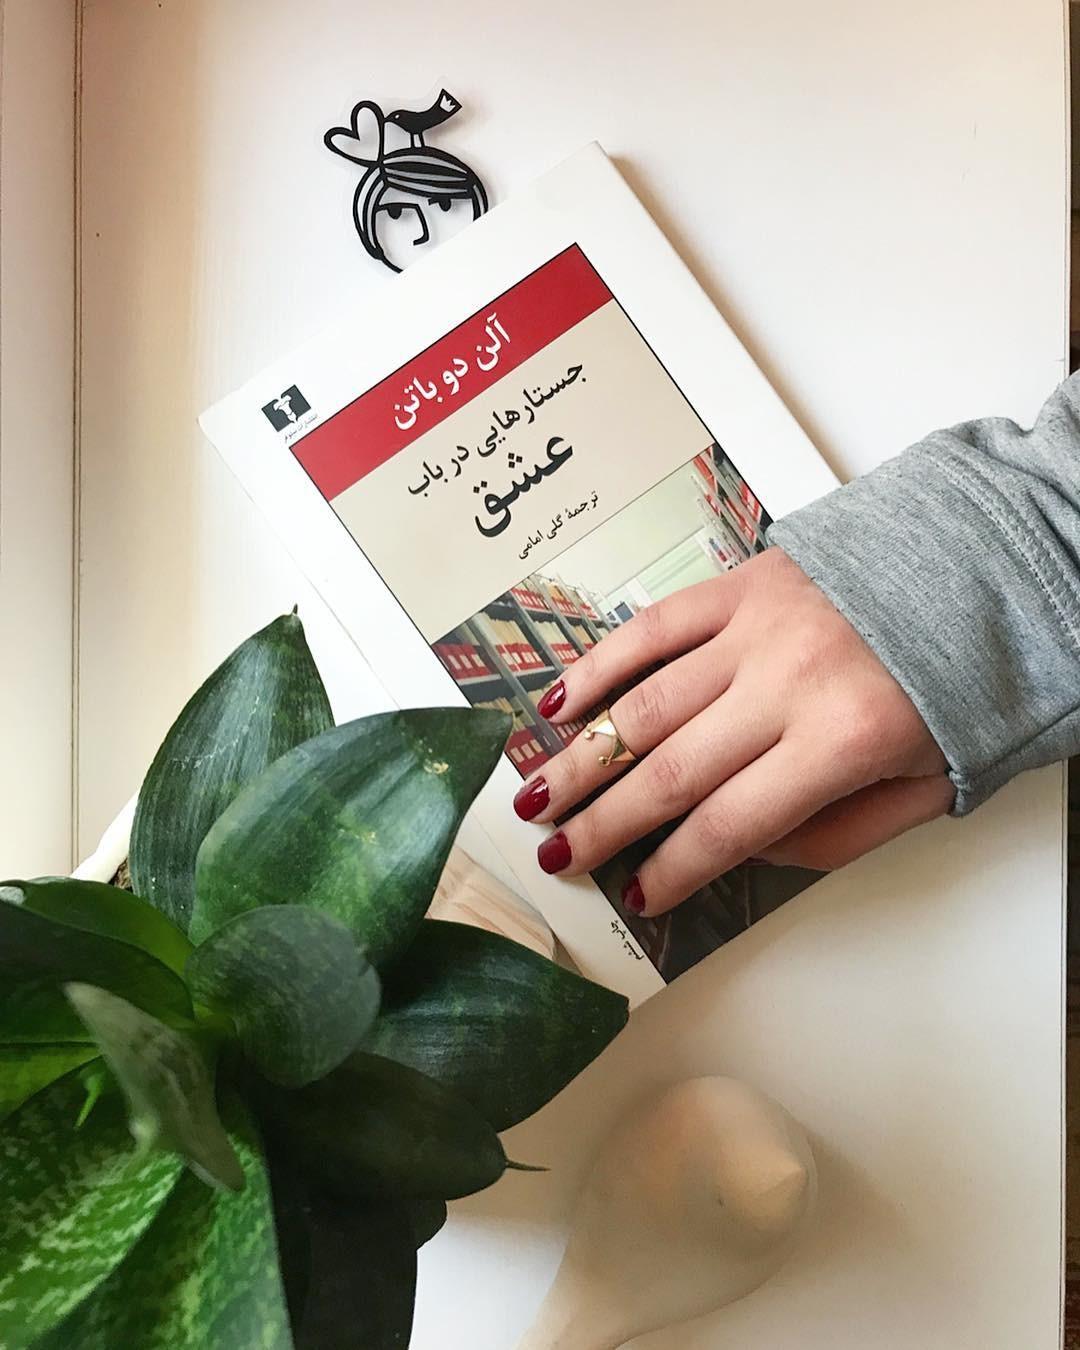 معرفی کتاب جستارهایی درباب عشق: